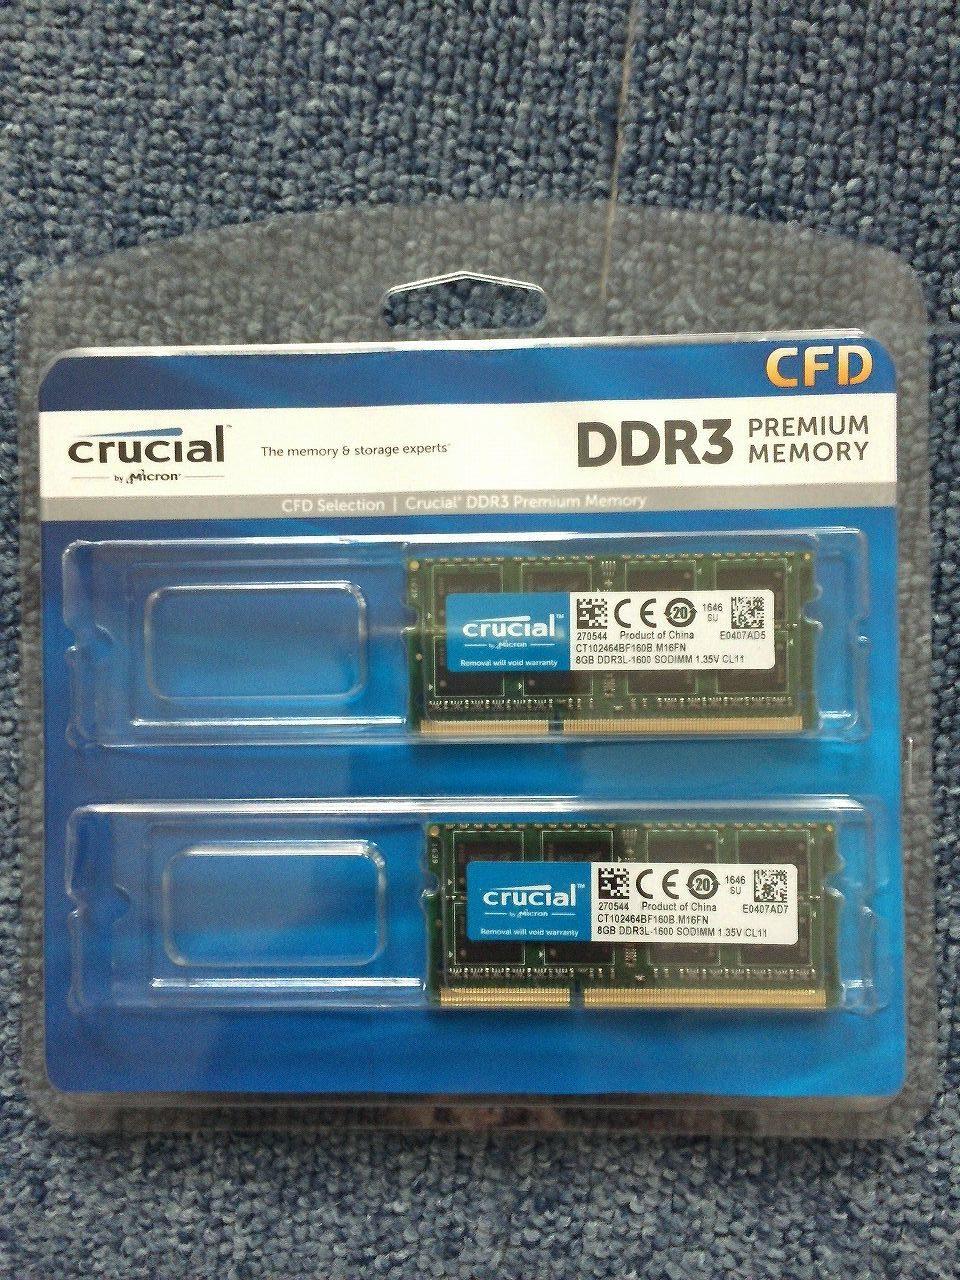 X220中古のメモリをCrucialのW3N1600CM-8Gで16GBレビュー感想 (2)